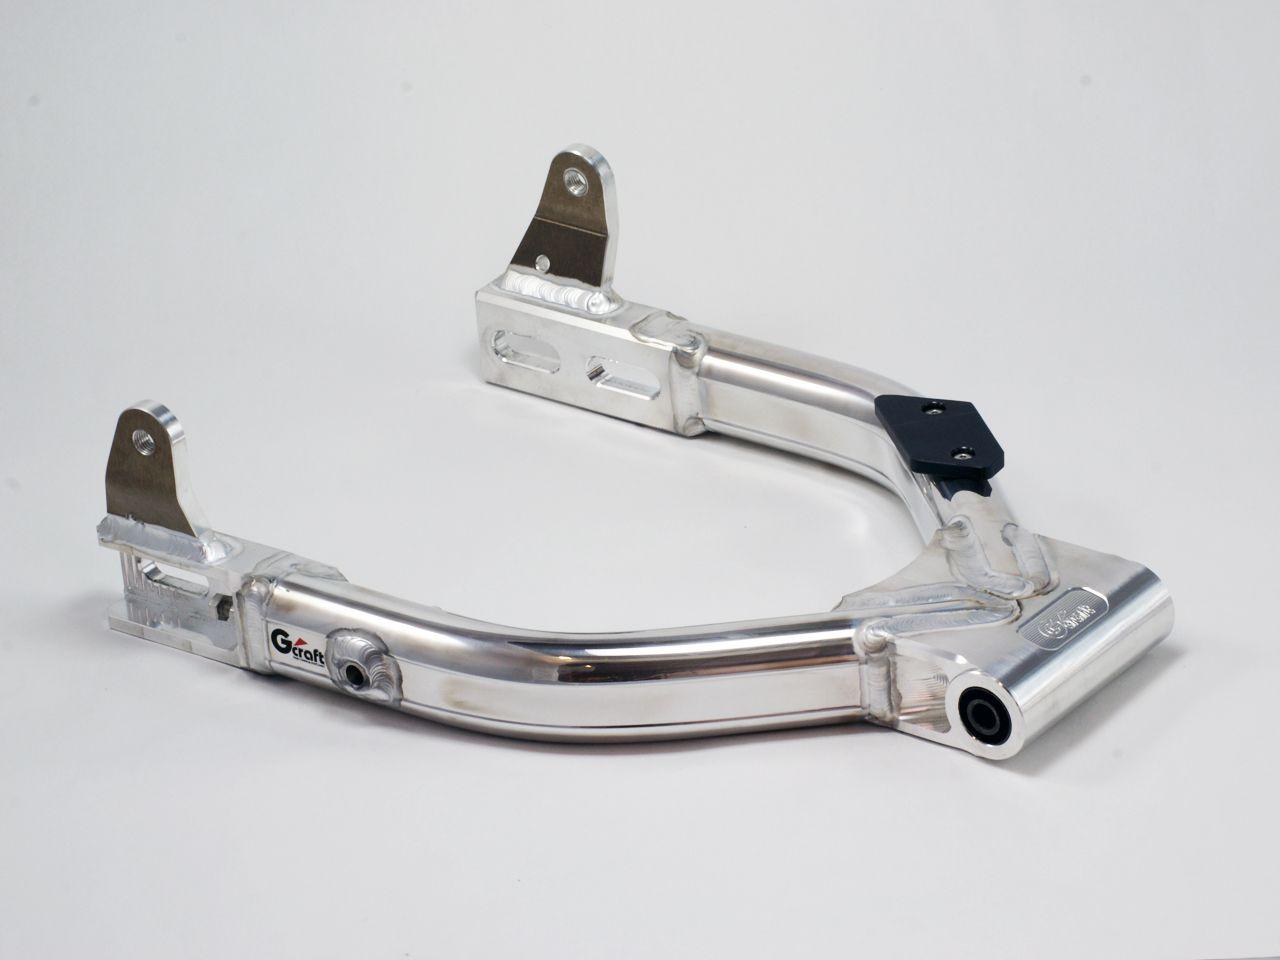 【G-Craft】DAX專用雙避震型後搖臂 加長4cm - 「Webike-摩托百貨」